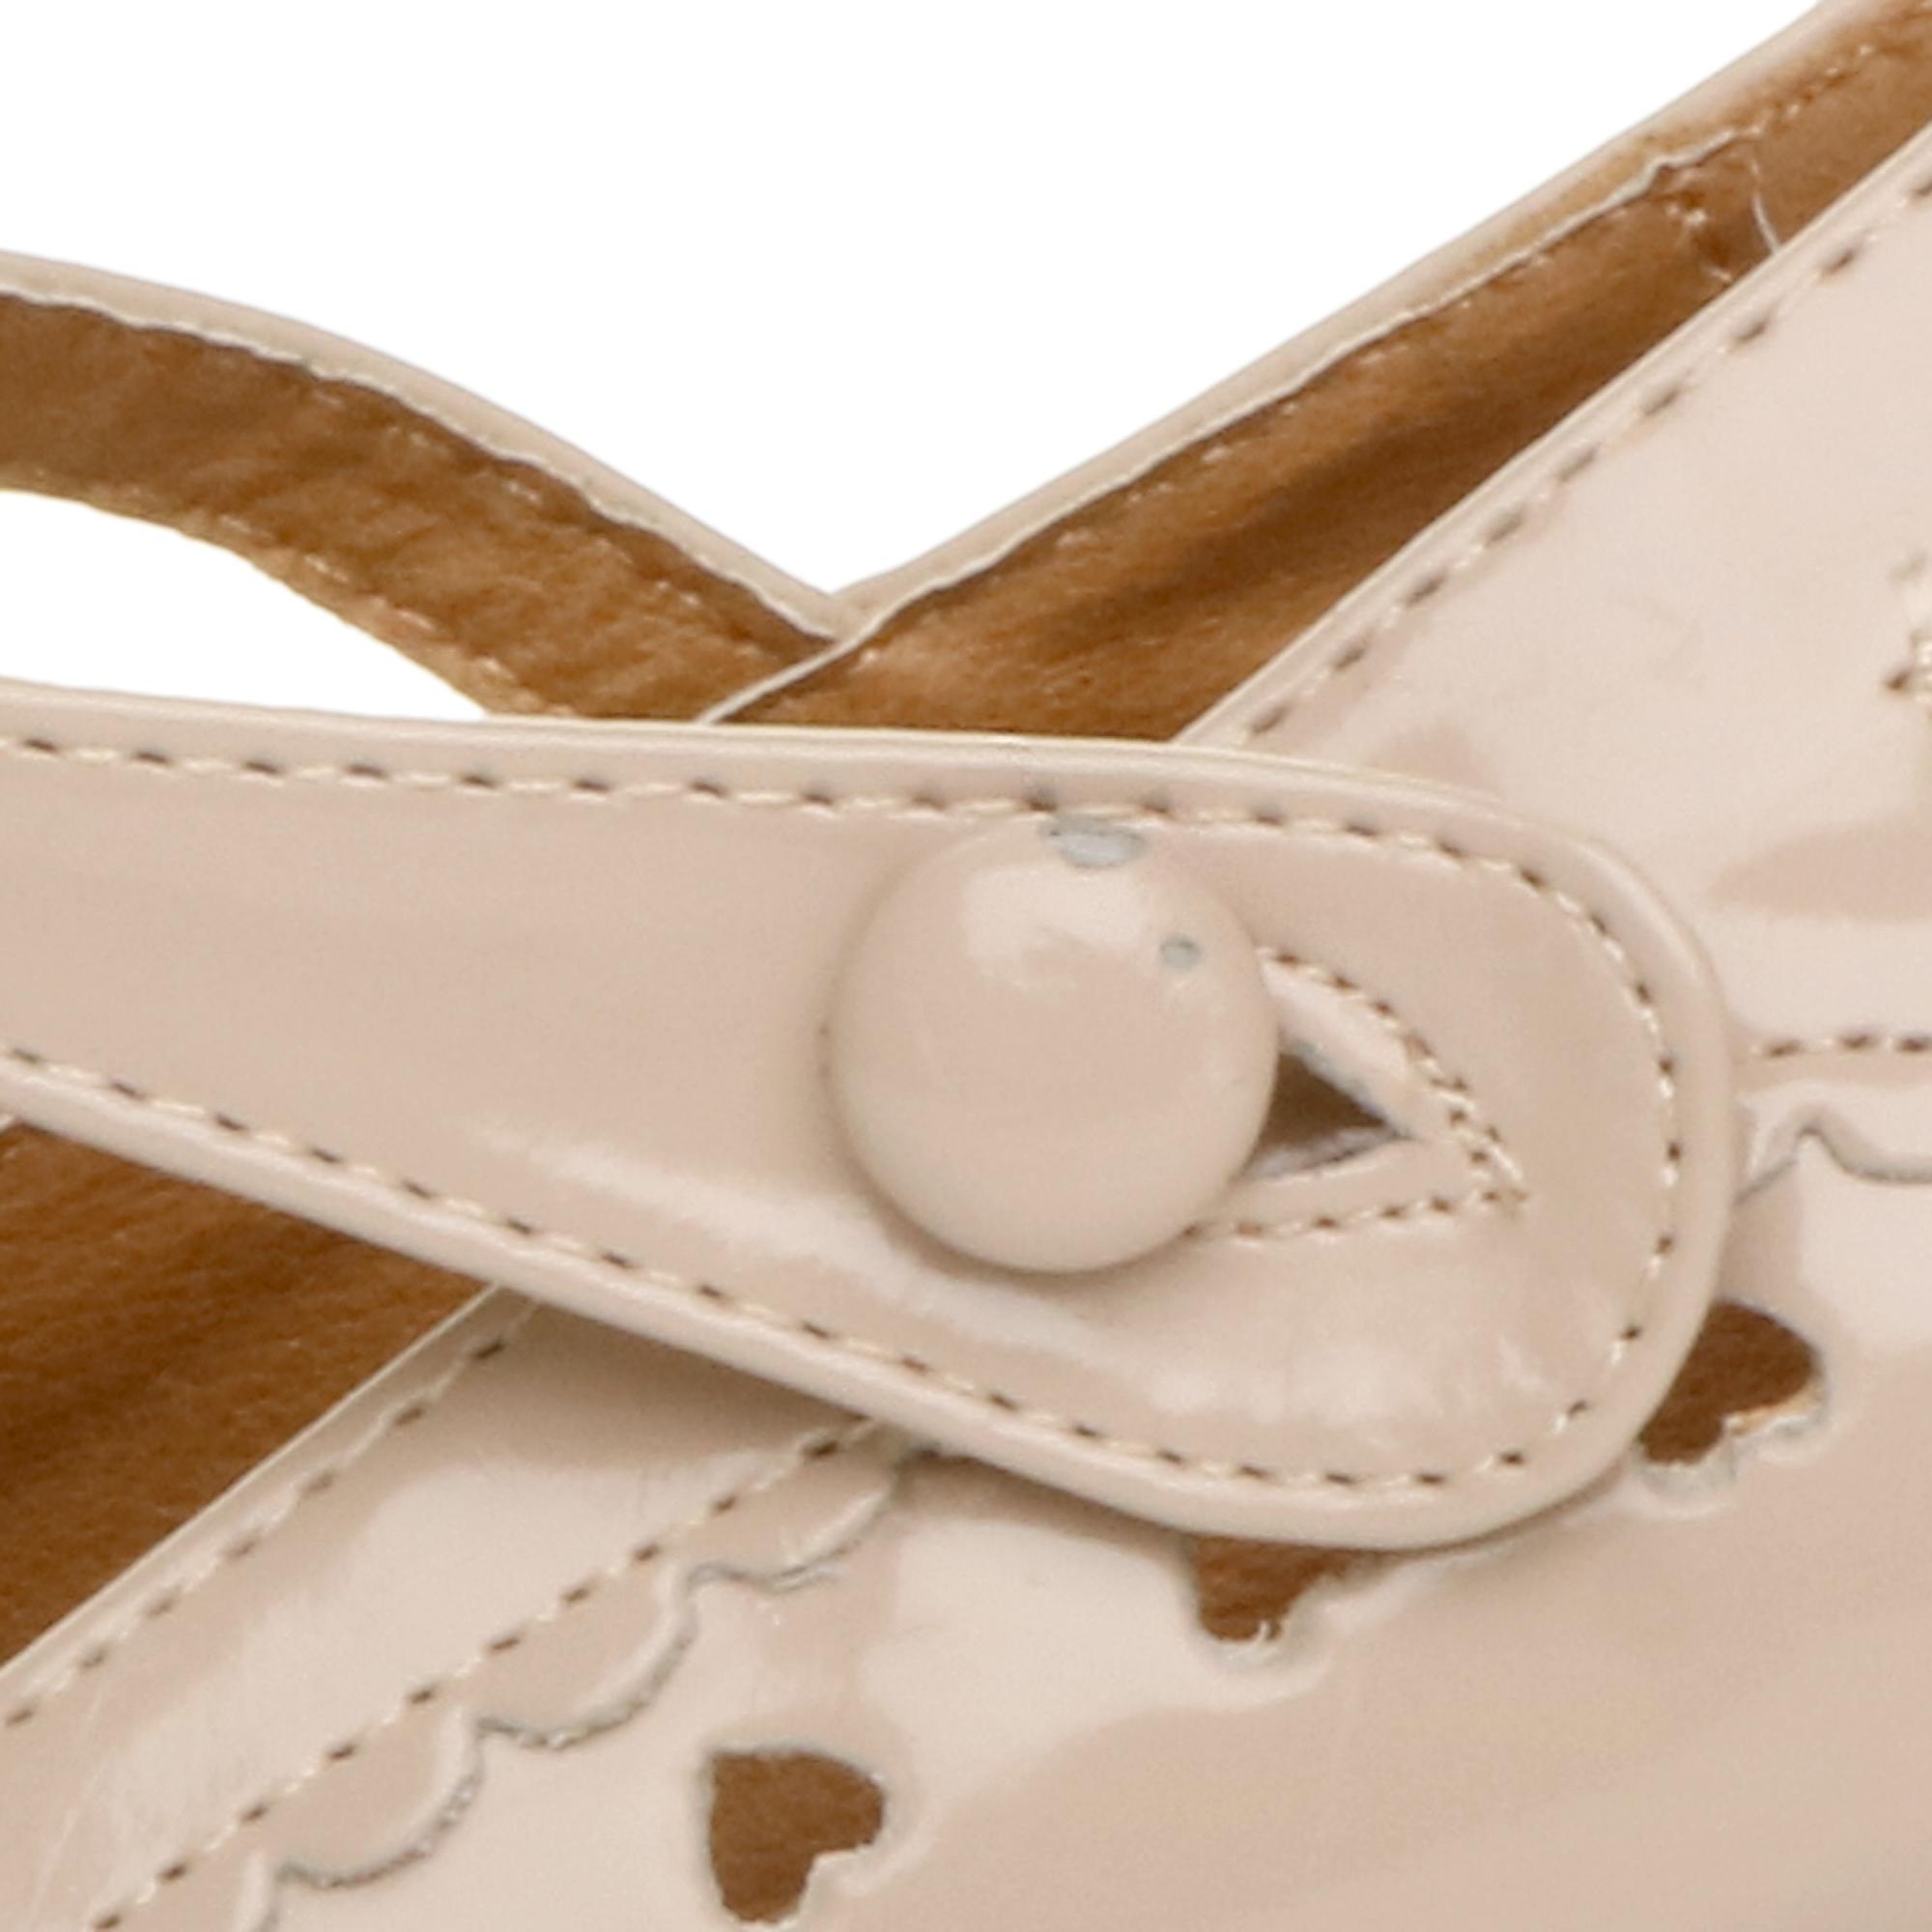 miniatura 17 - Da Donna con Tacco Basso Cinturino Alla Caviglia Mary Jane Stile Scarpe Eleganti Lavoro Pompe Dimensione